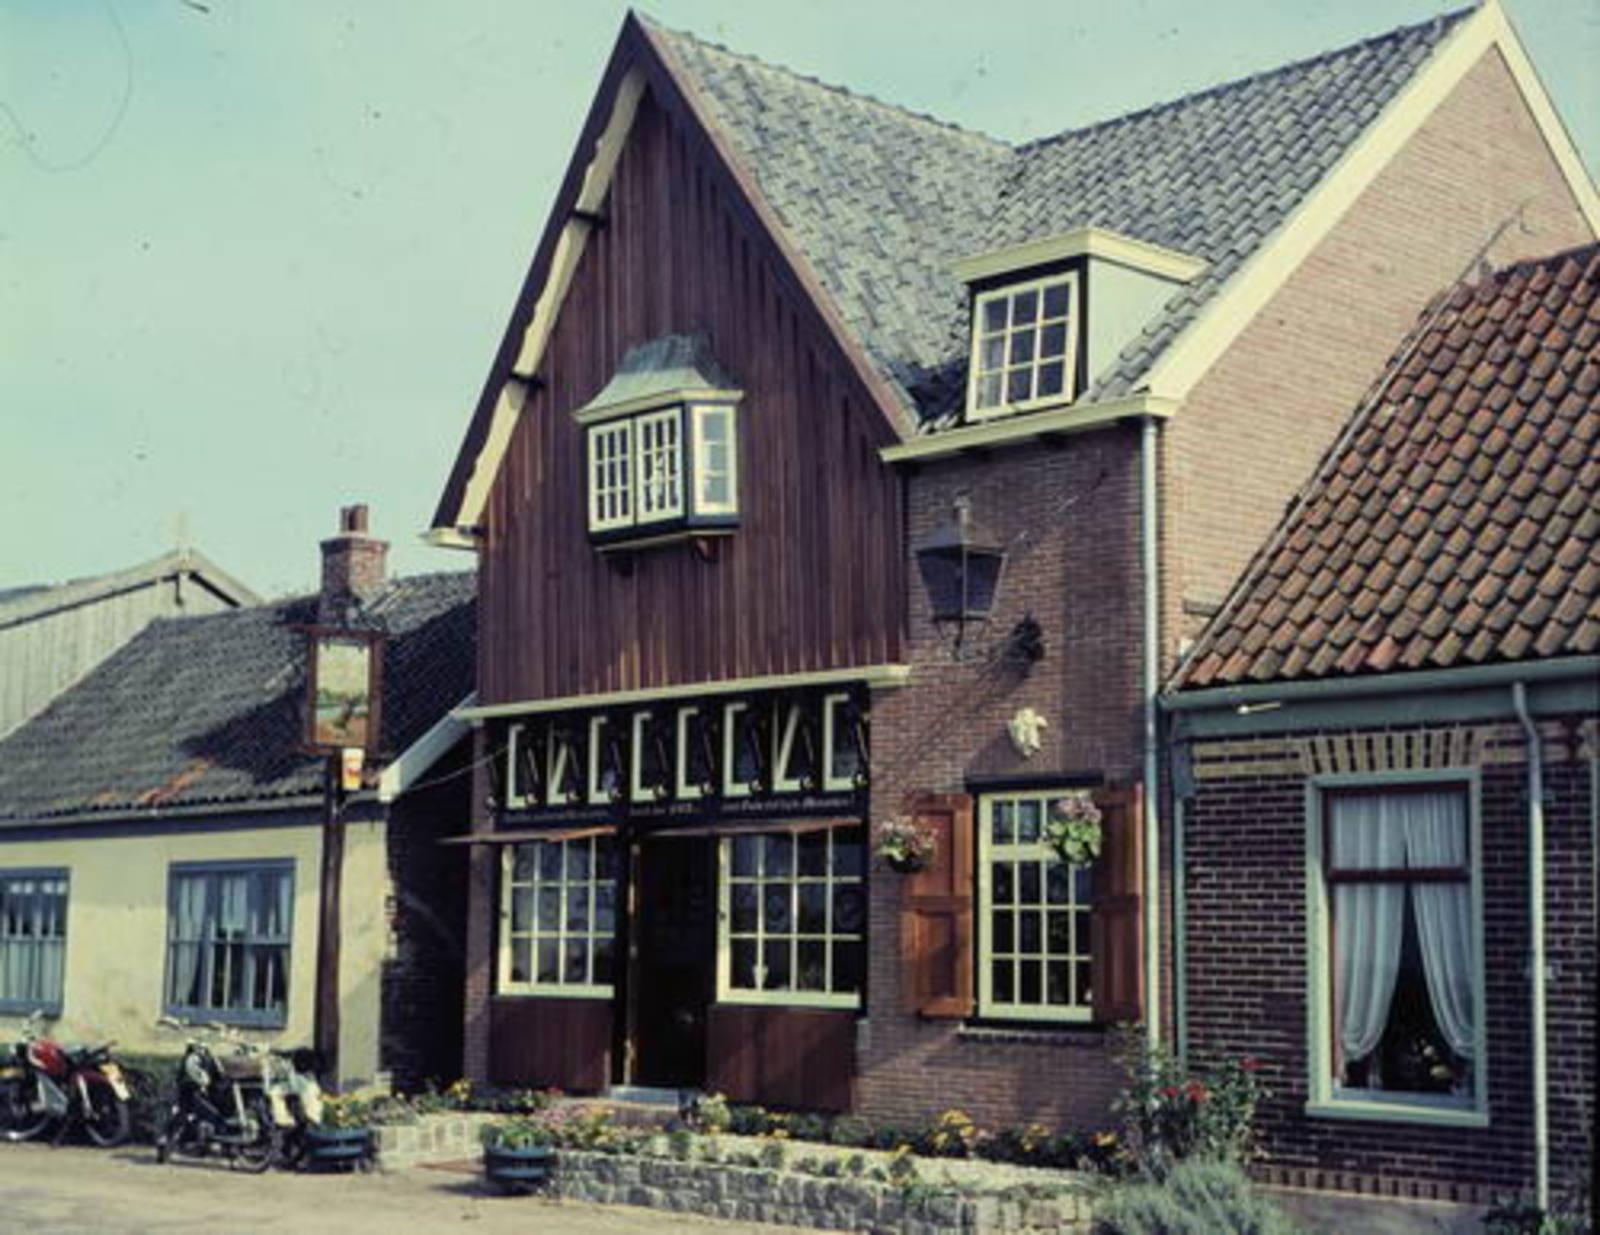 Vijfhuizerdijk 0005 1960- Restaurant